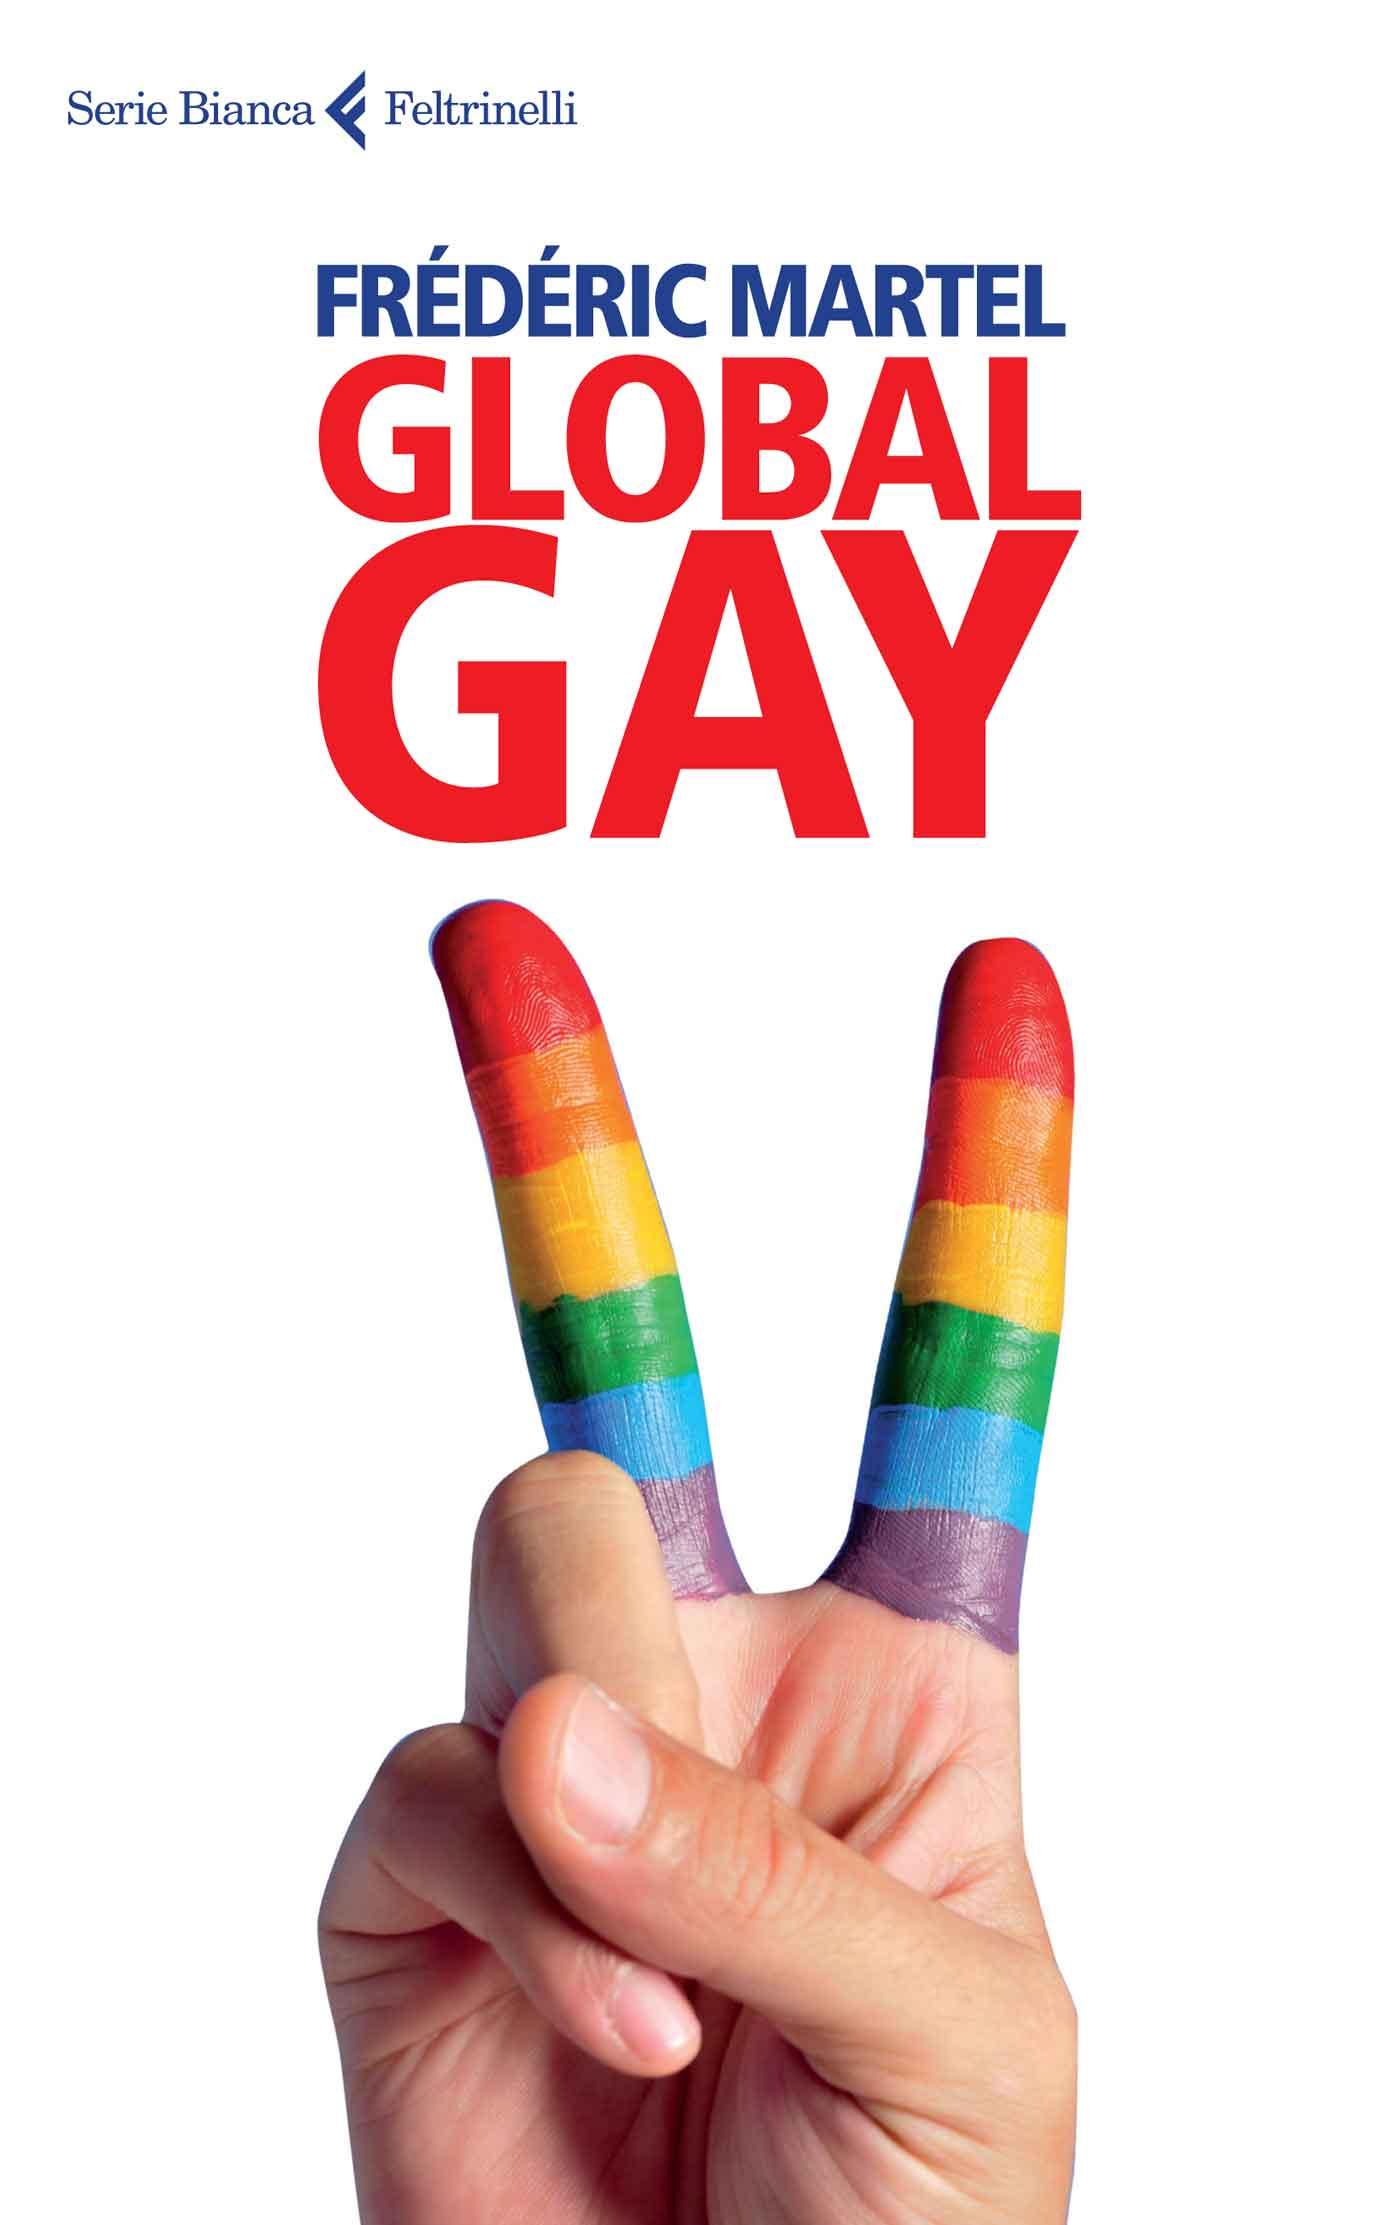 global gay frederic martel